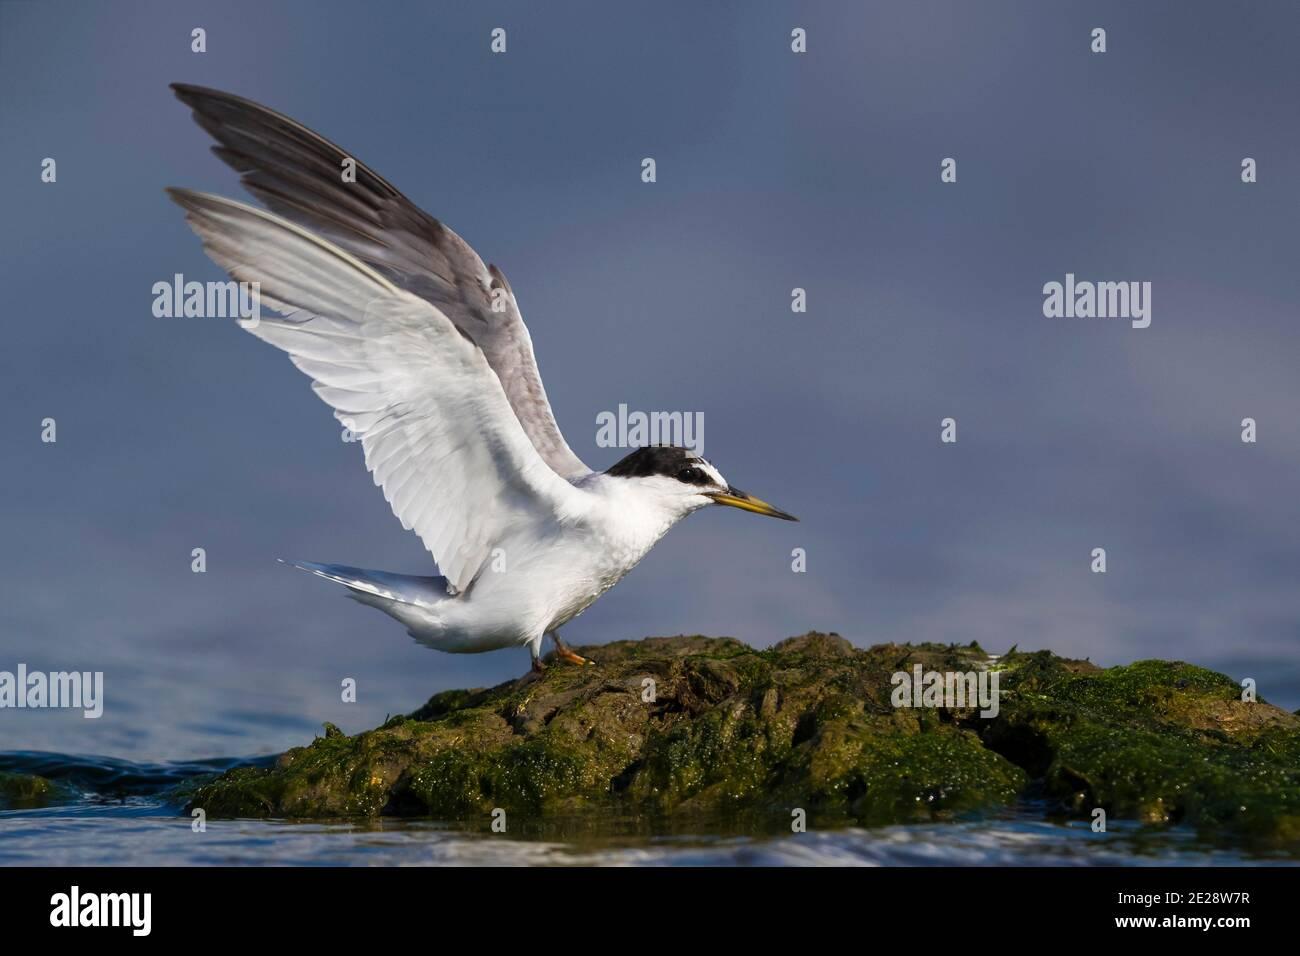 Petite sterne (Sterna albifrons, Sternula albifrons), adulte debout sur une roche côtière avec des ailes élevées, Italie Banque D'Images